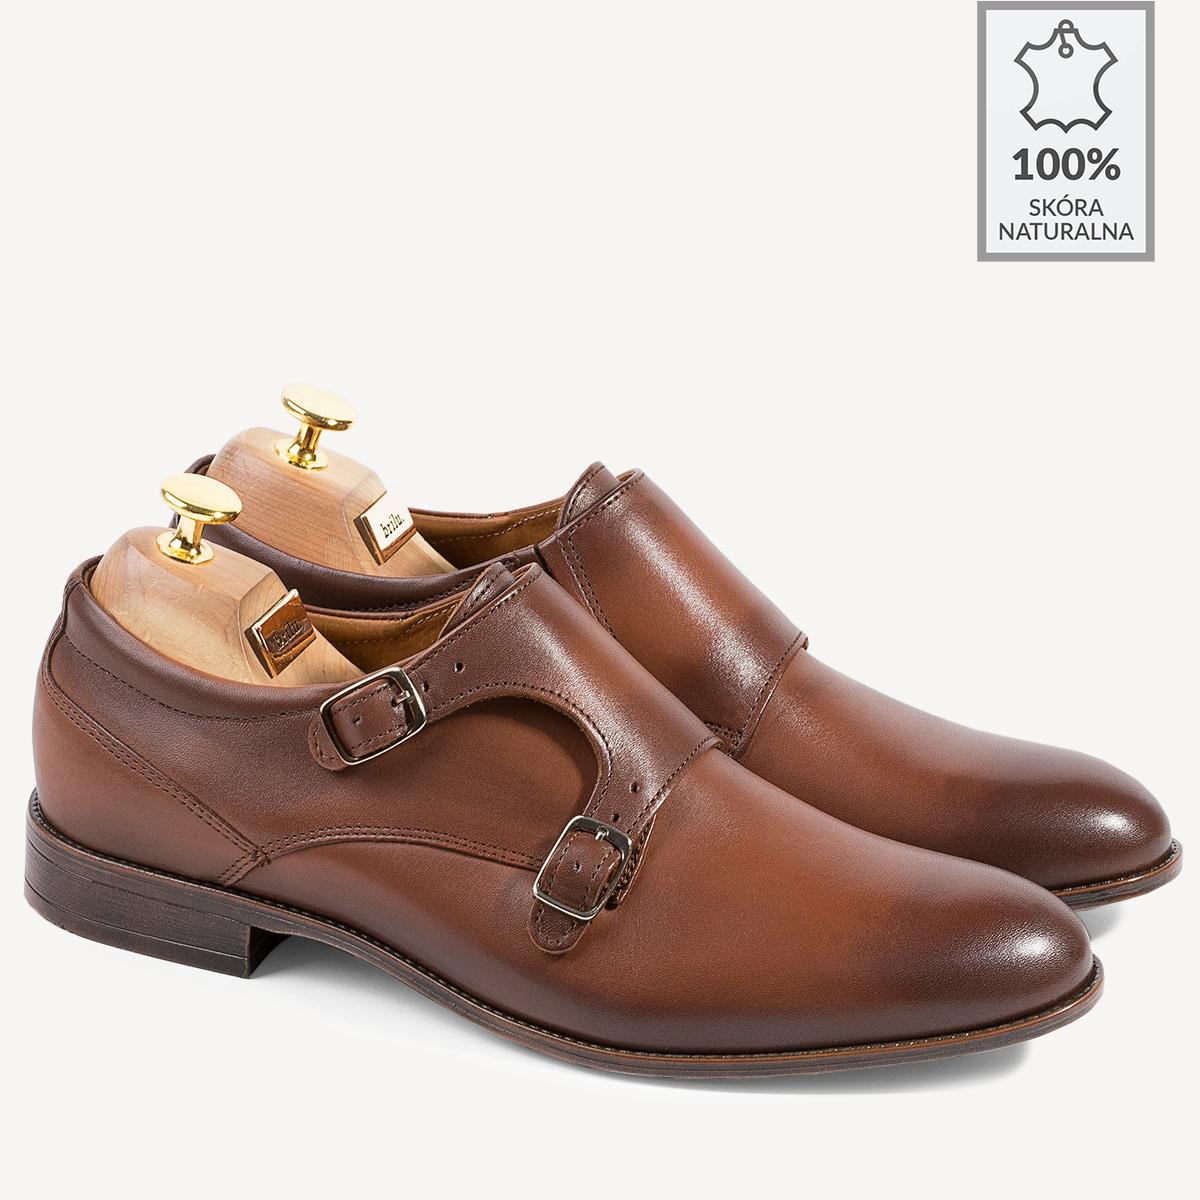 b3e49cf55a5d7 Skórzane buty wizytowe monki z klamrami Jorge brązowe